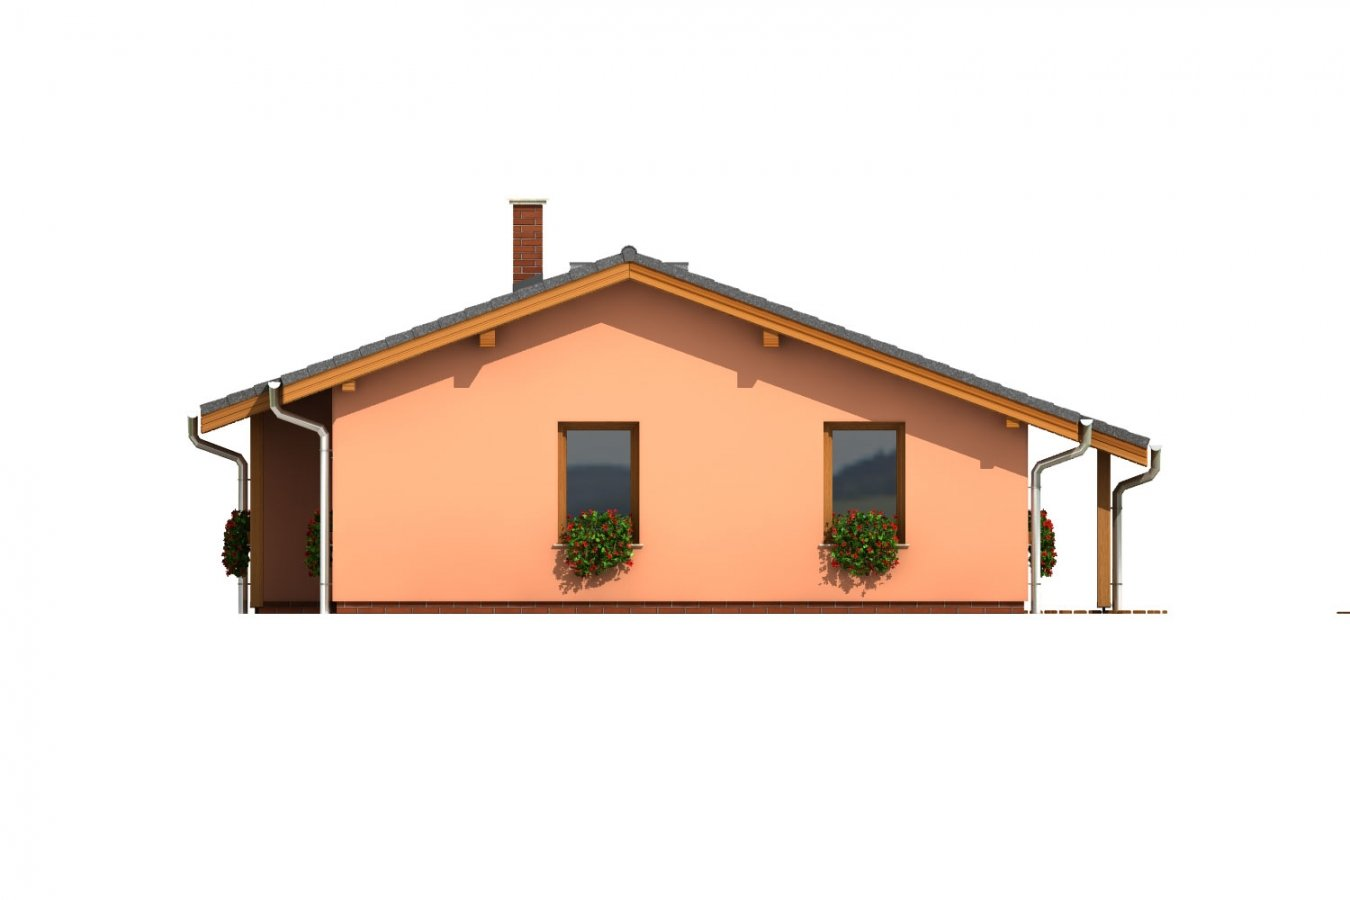 Pohľad 1. - Dom na úzky pozemok s krytou terasou.